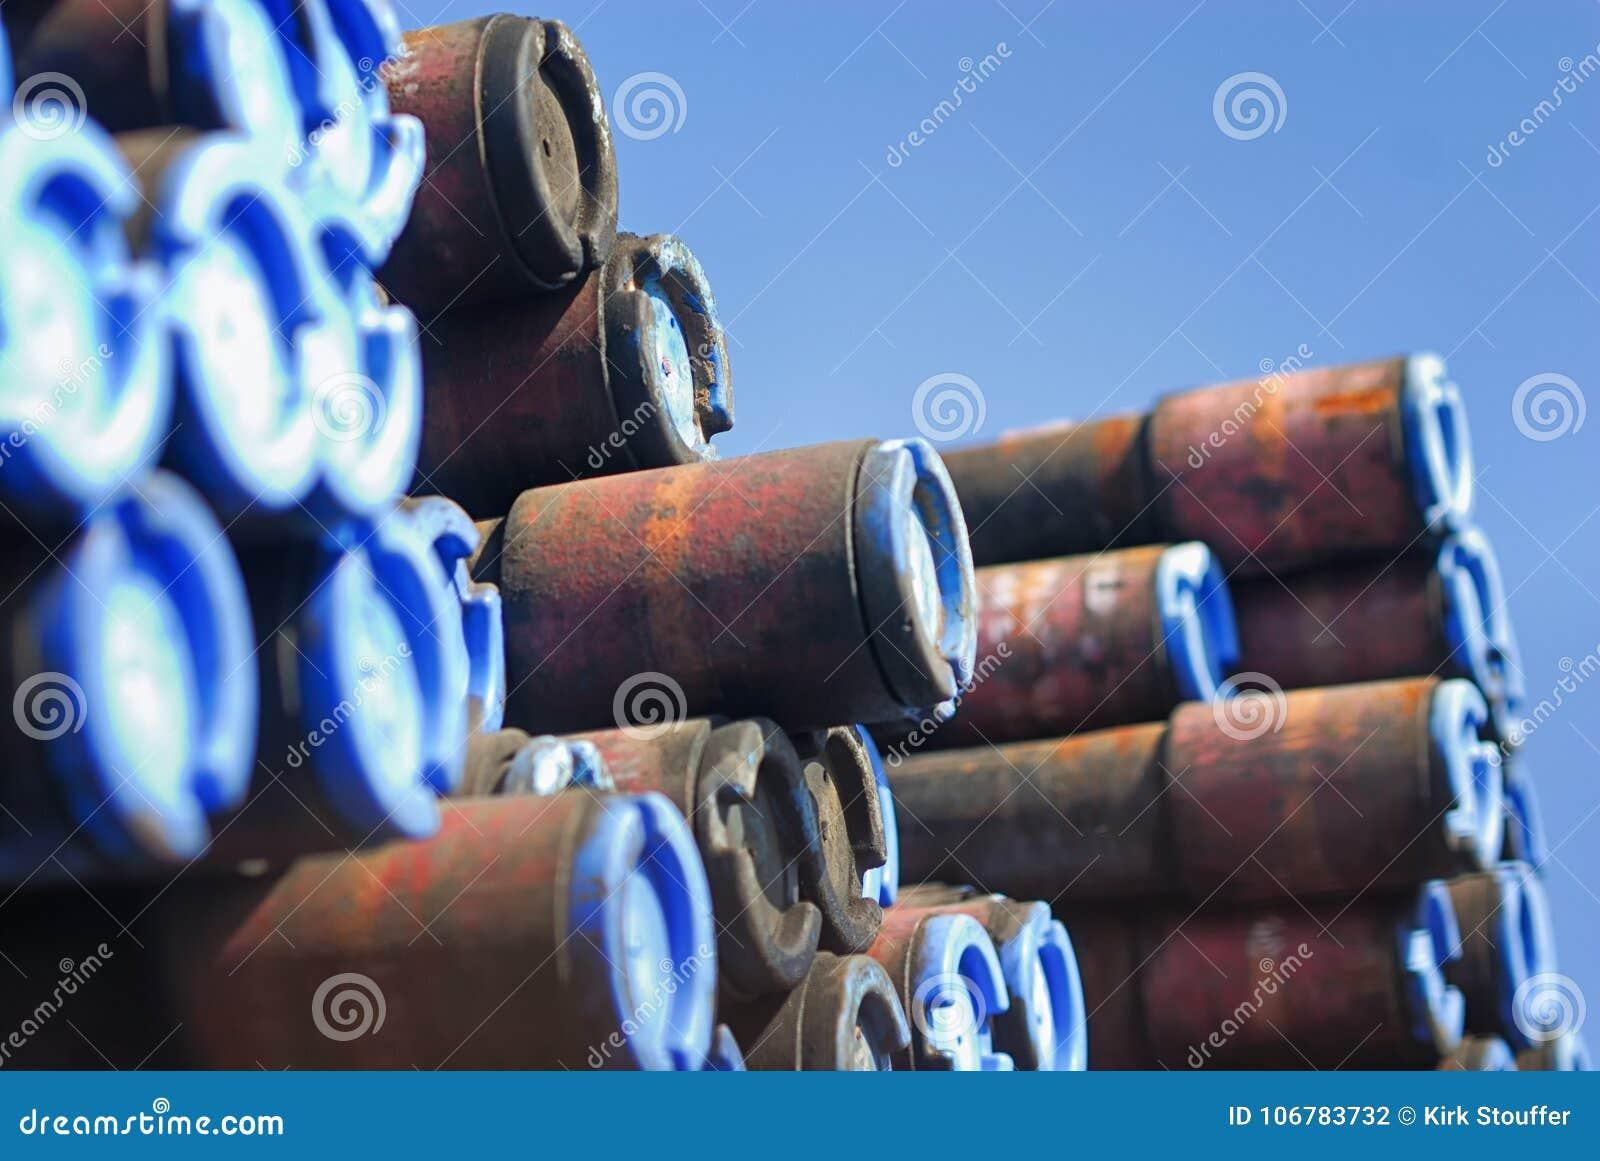 Estremità di una pila di tubi coperti di cappucci blu